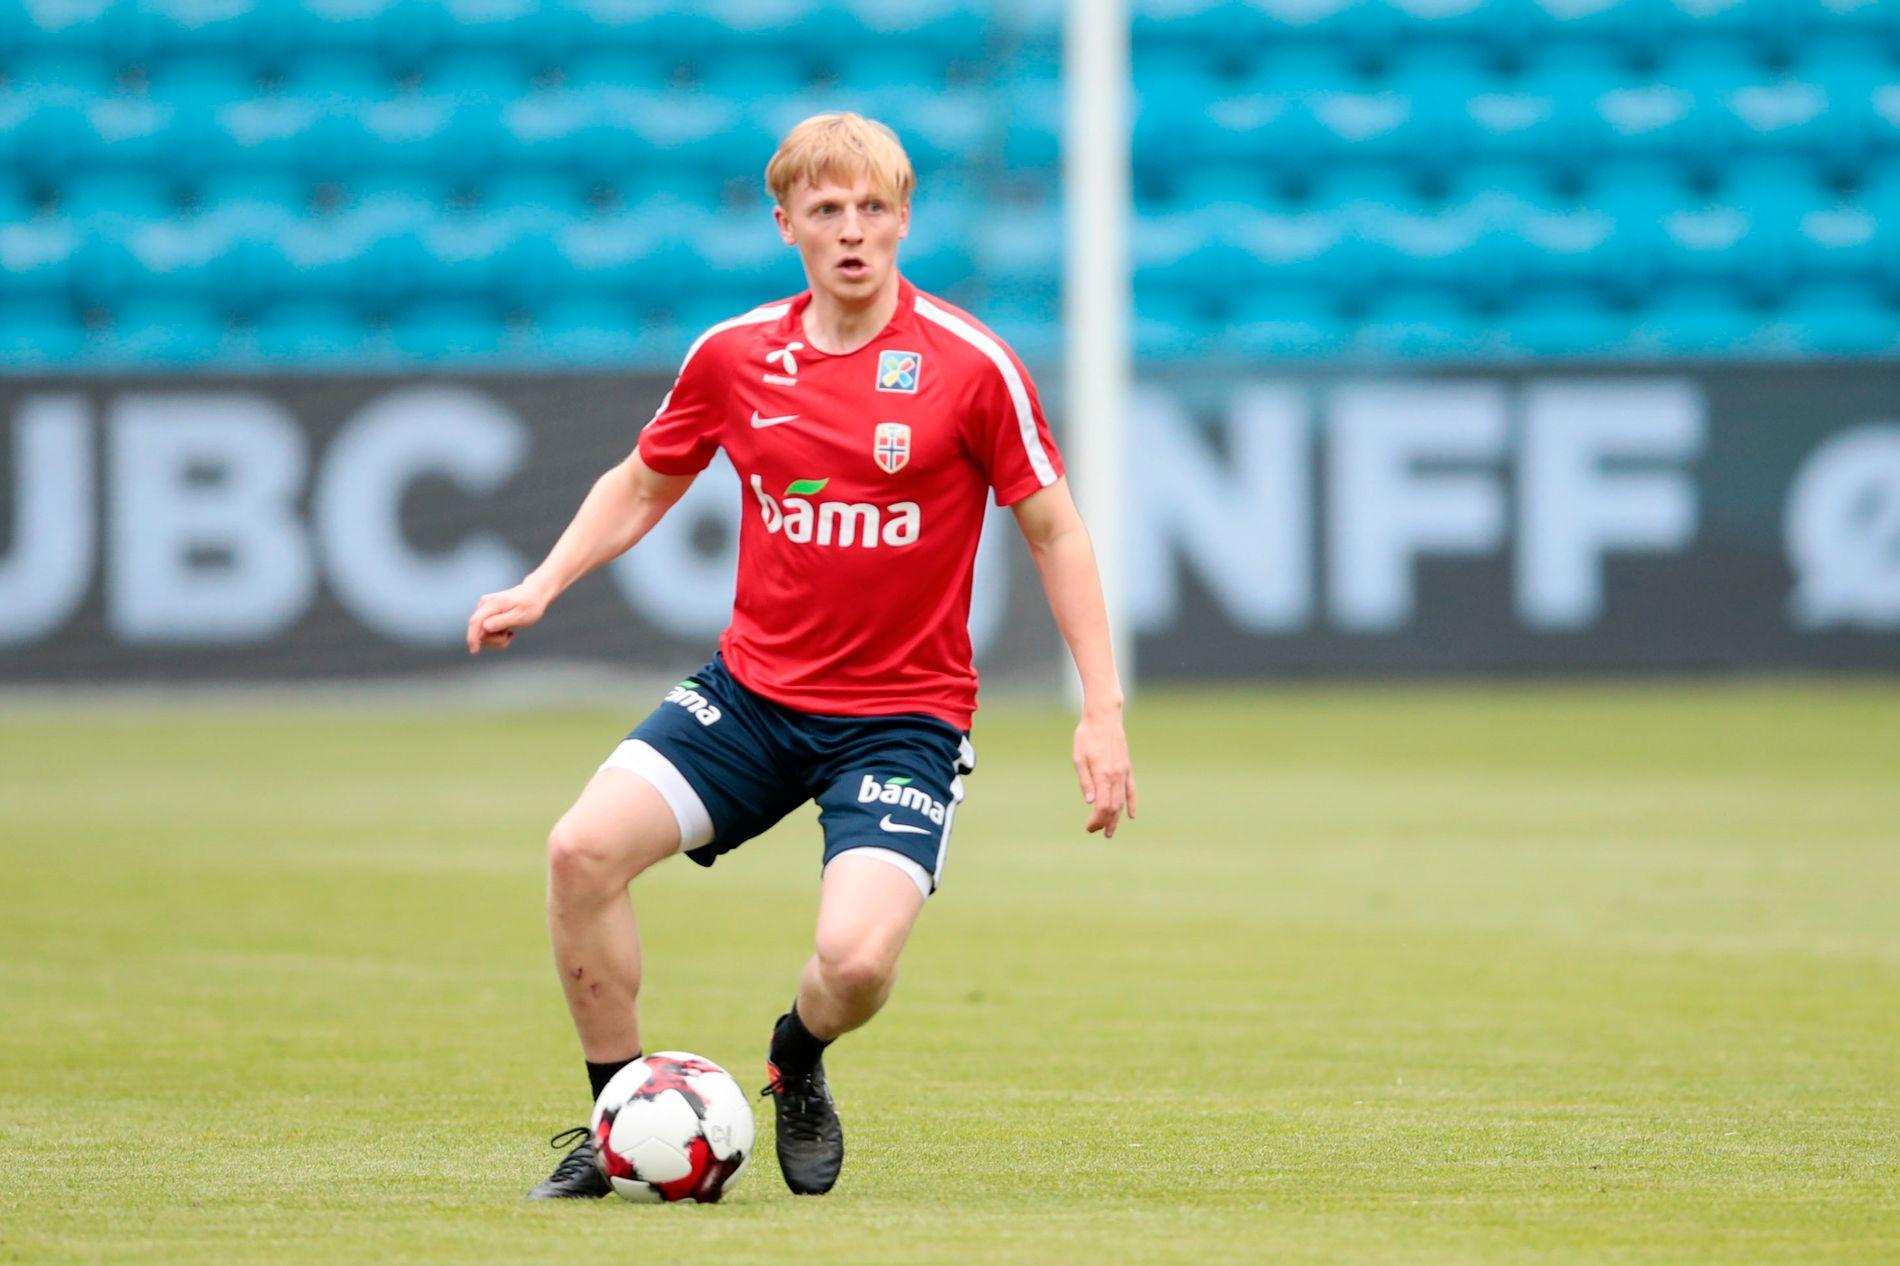 GIR TILBAKE: Mats Møller Dæhli er på plass i Oslo foran landskampene mot Tsjekkia og Sverige. På fritiden liker han å hjelpe gamleklubben Lyn.